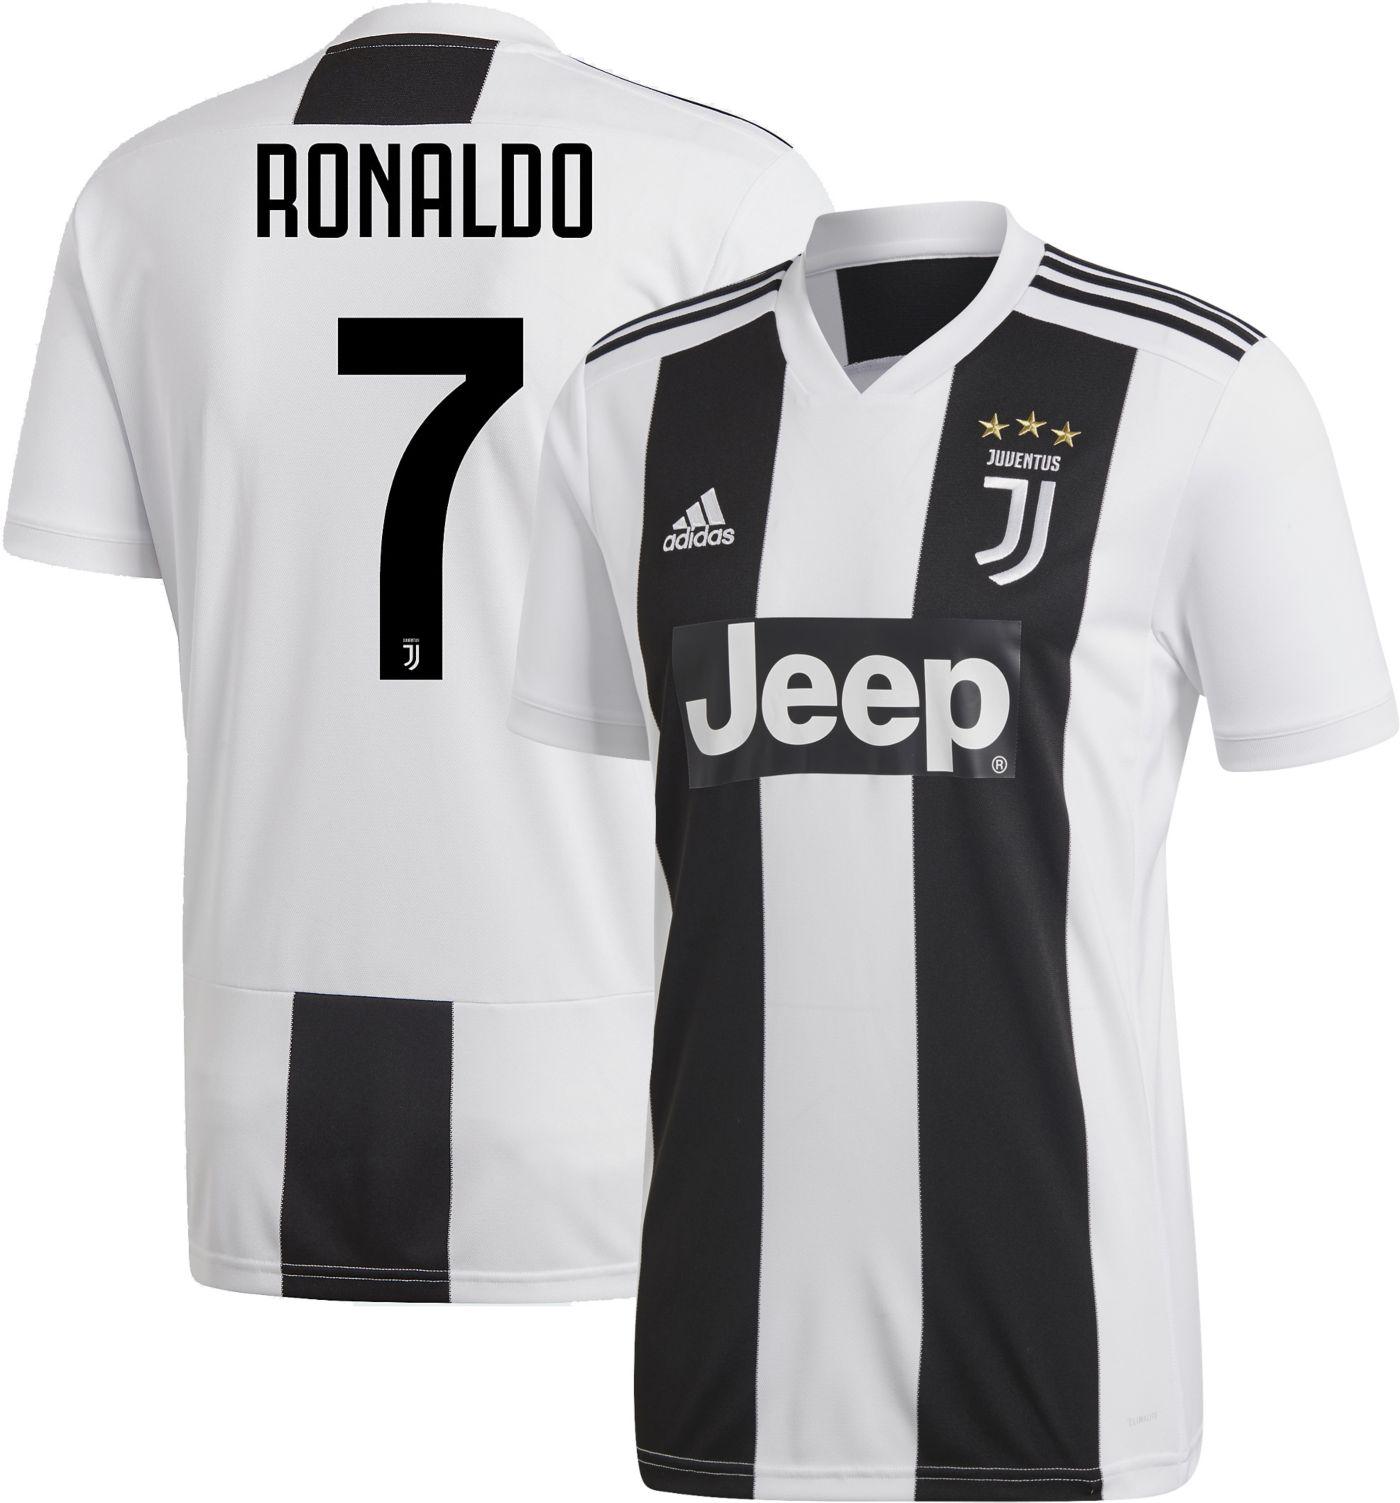 adidas Youth Juventus Stadium Cristiano Ronaldo #7 Home Replica Jersey